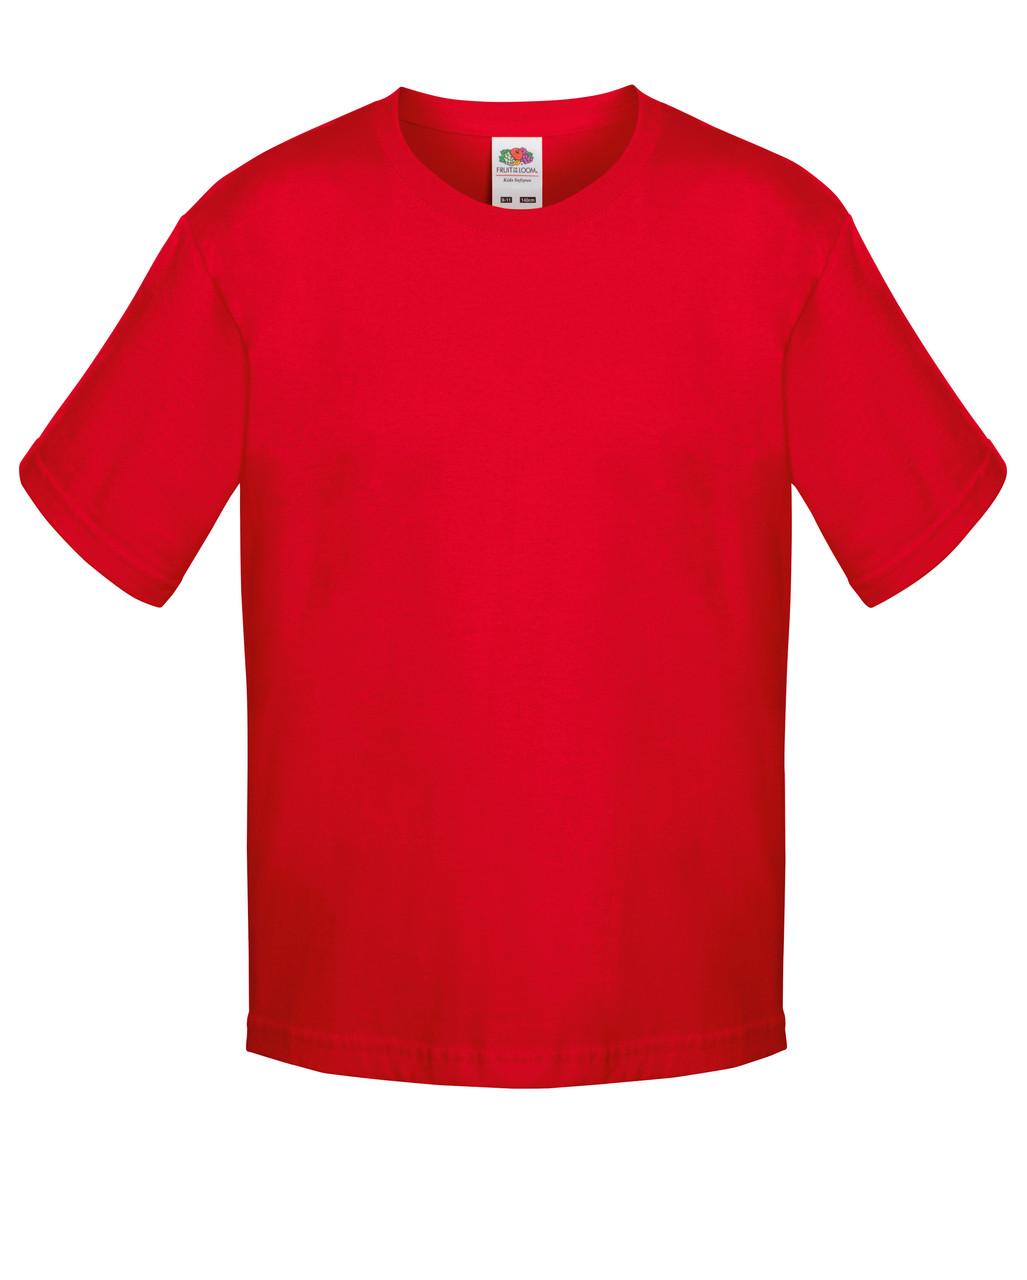 Детская футболка Мягкая для Мальчиков Красная Fruit of the loom 61-015-40 14-15